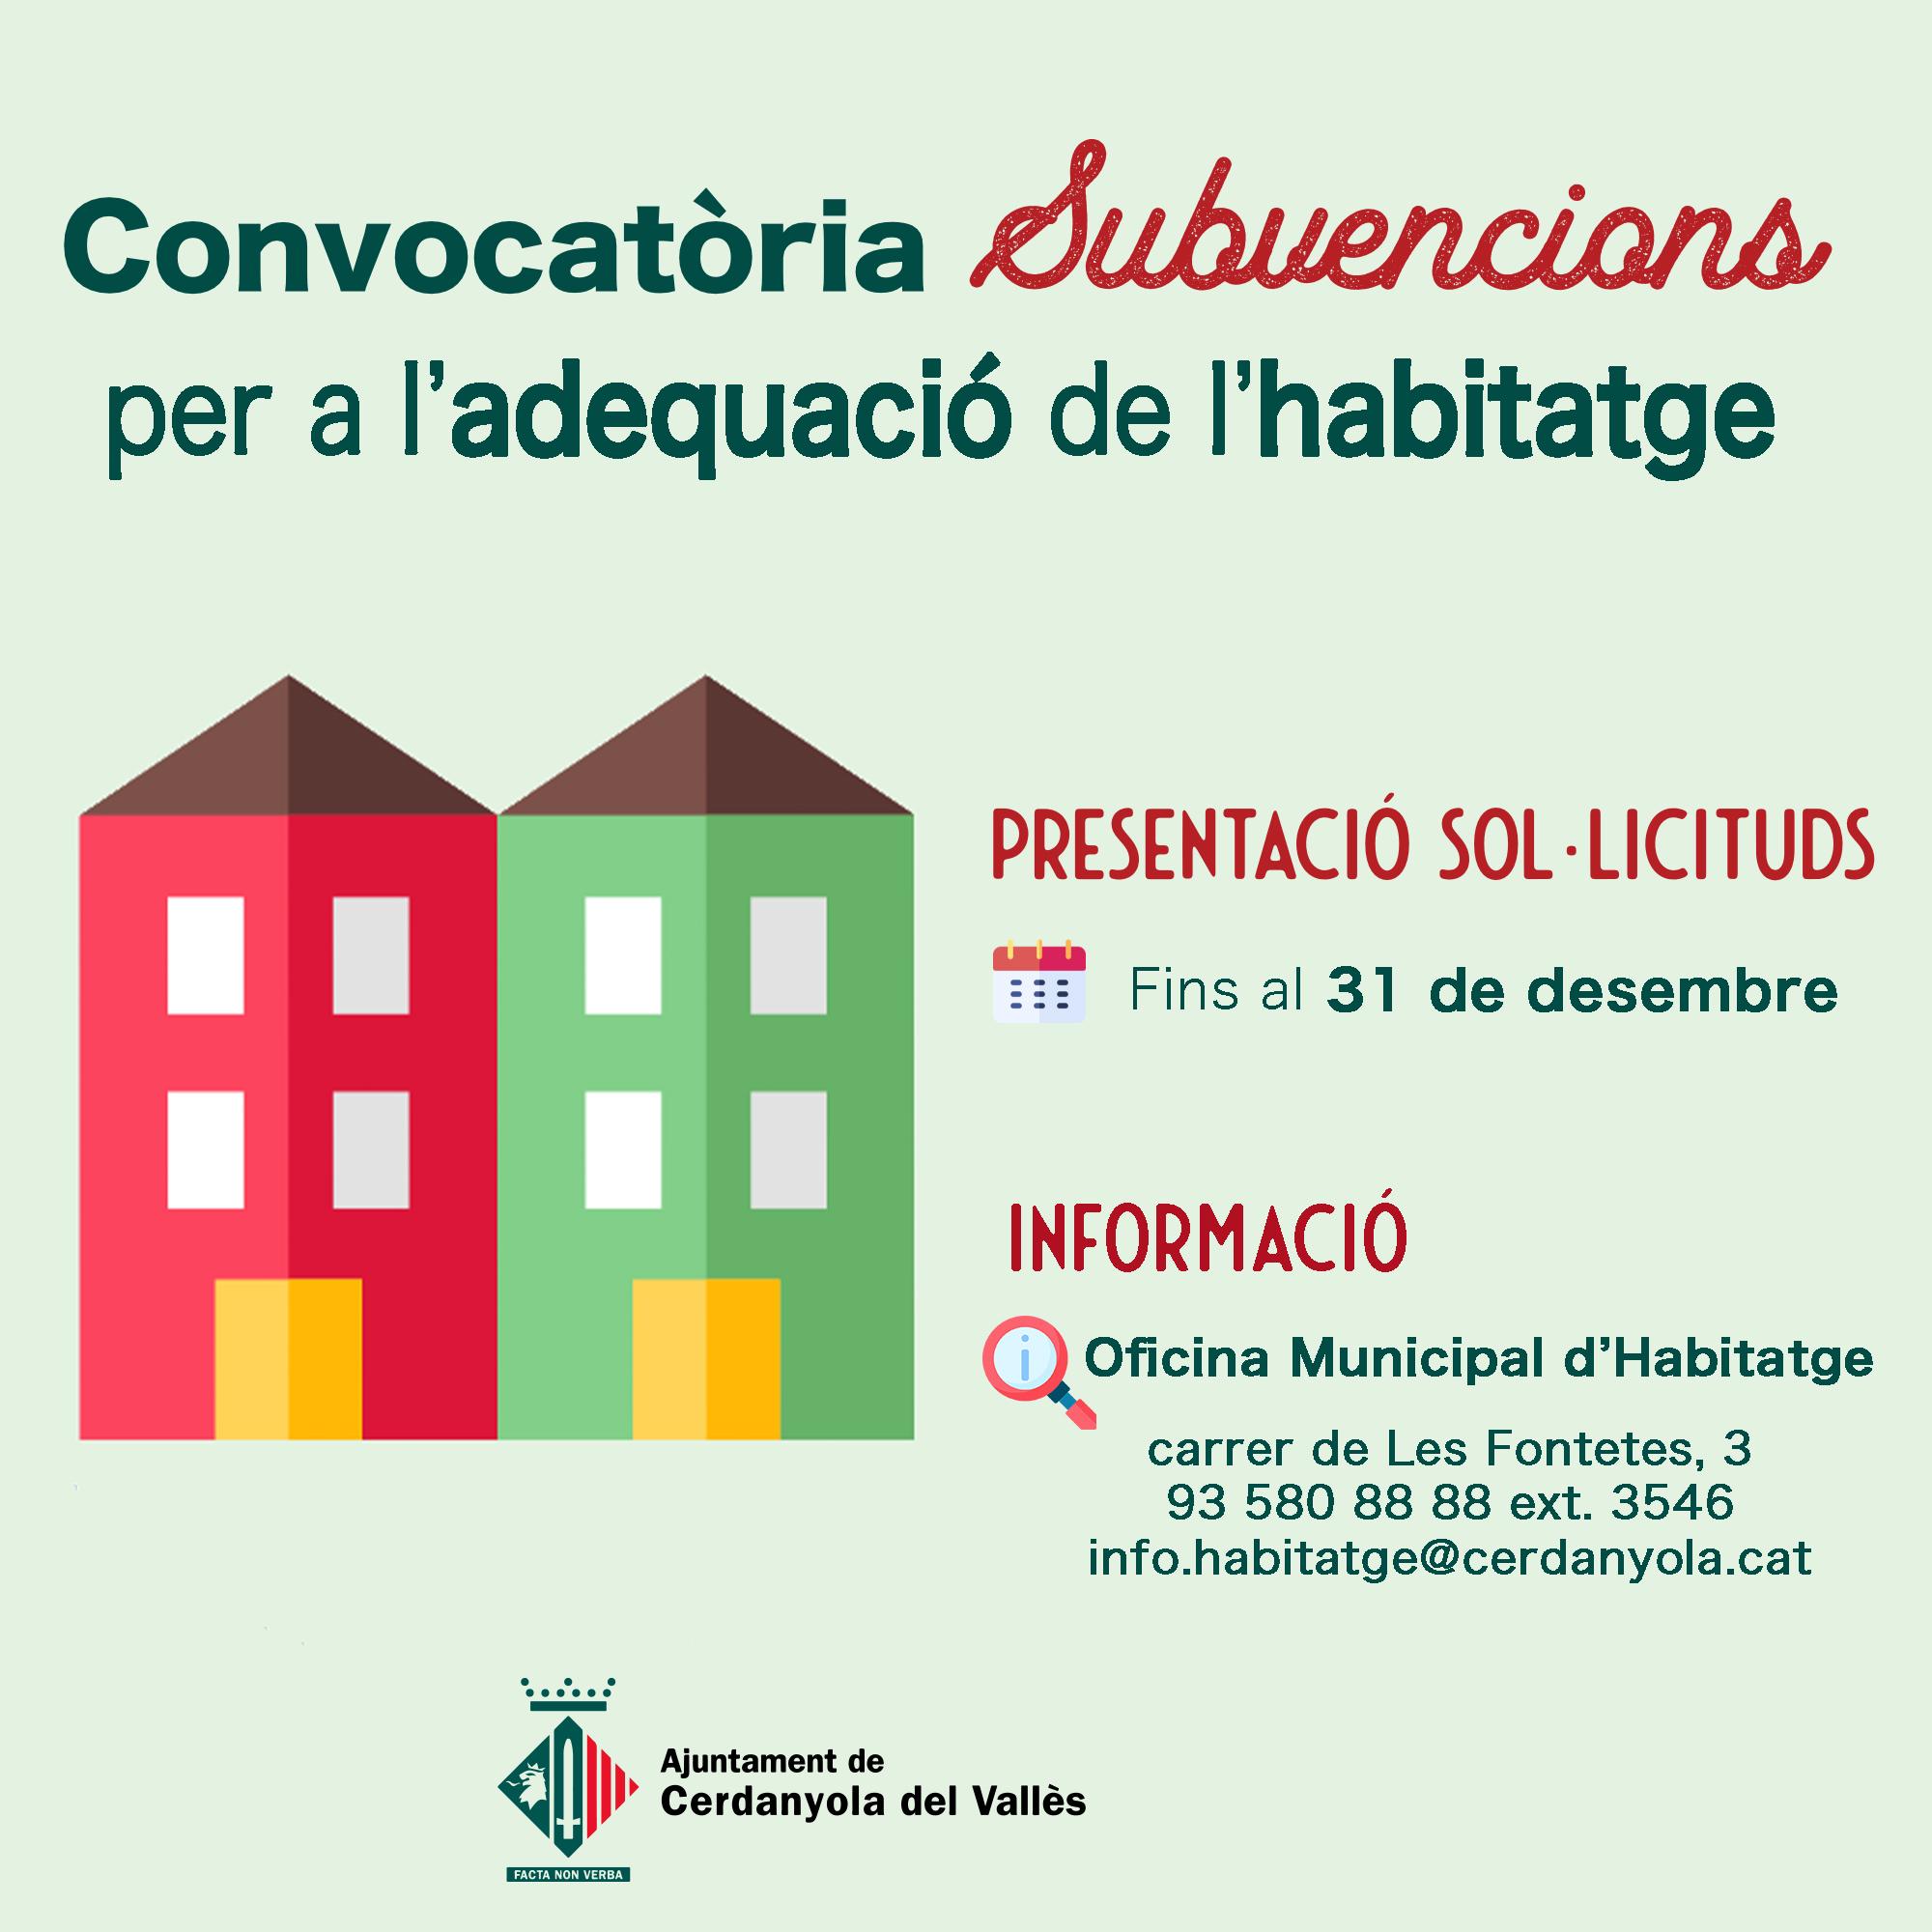 imatge del programa de rehabilitació habitatges